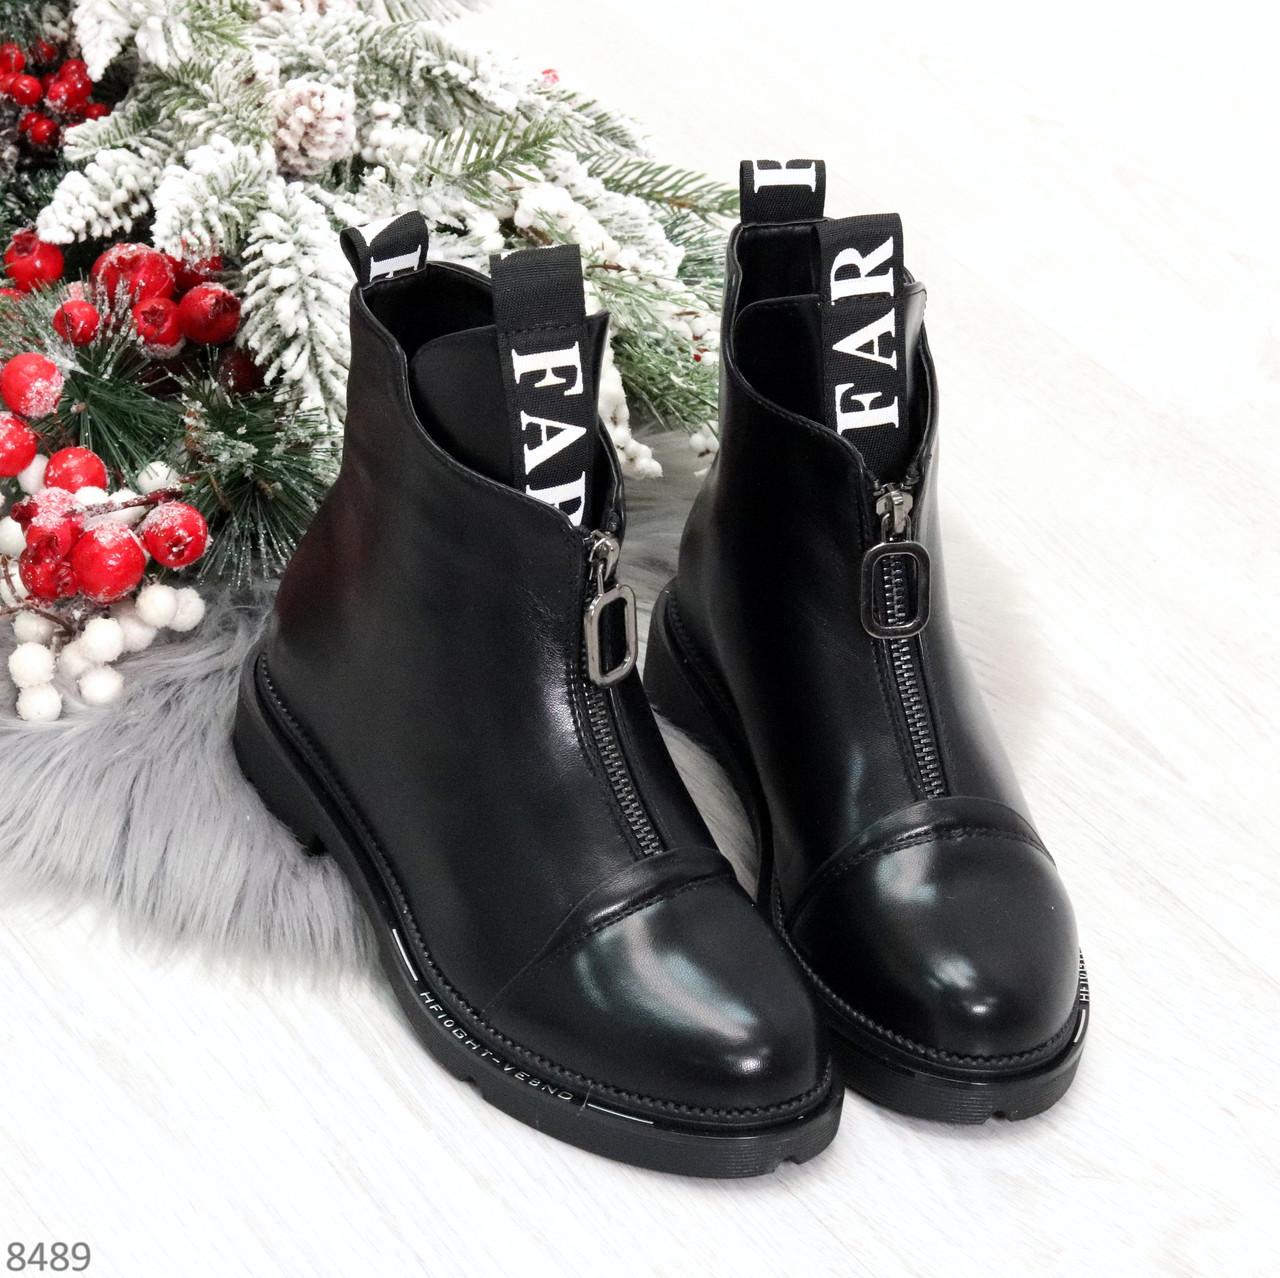 Удобные трендовые черные женские ботинки на флисе низкий ход